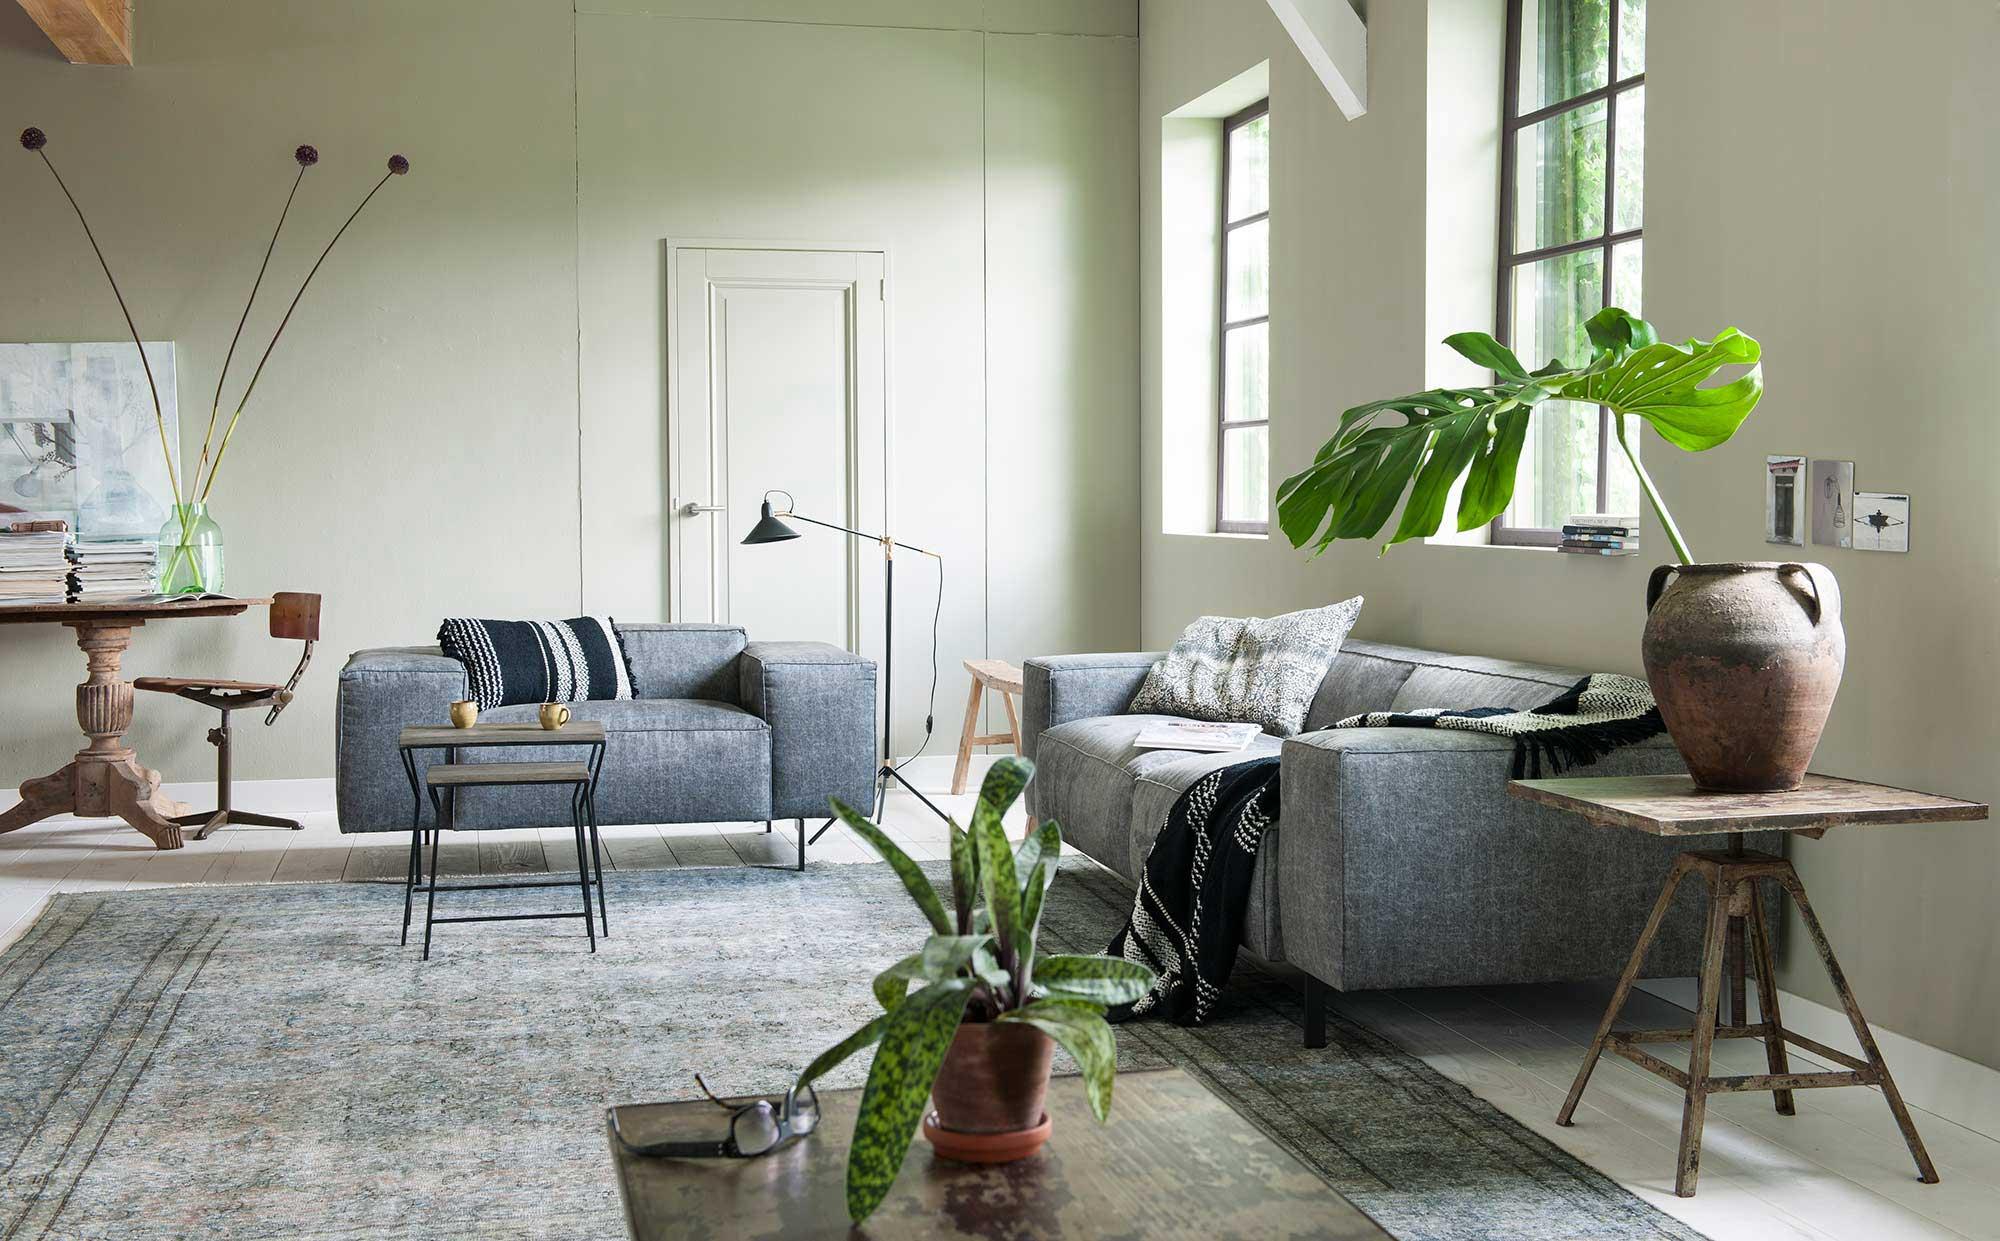 woonkamer landelijke stijl